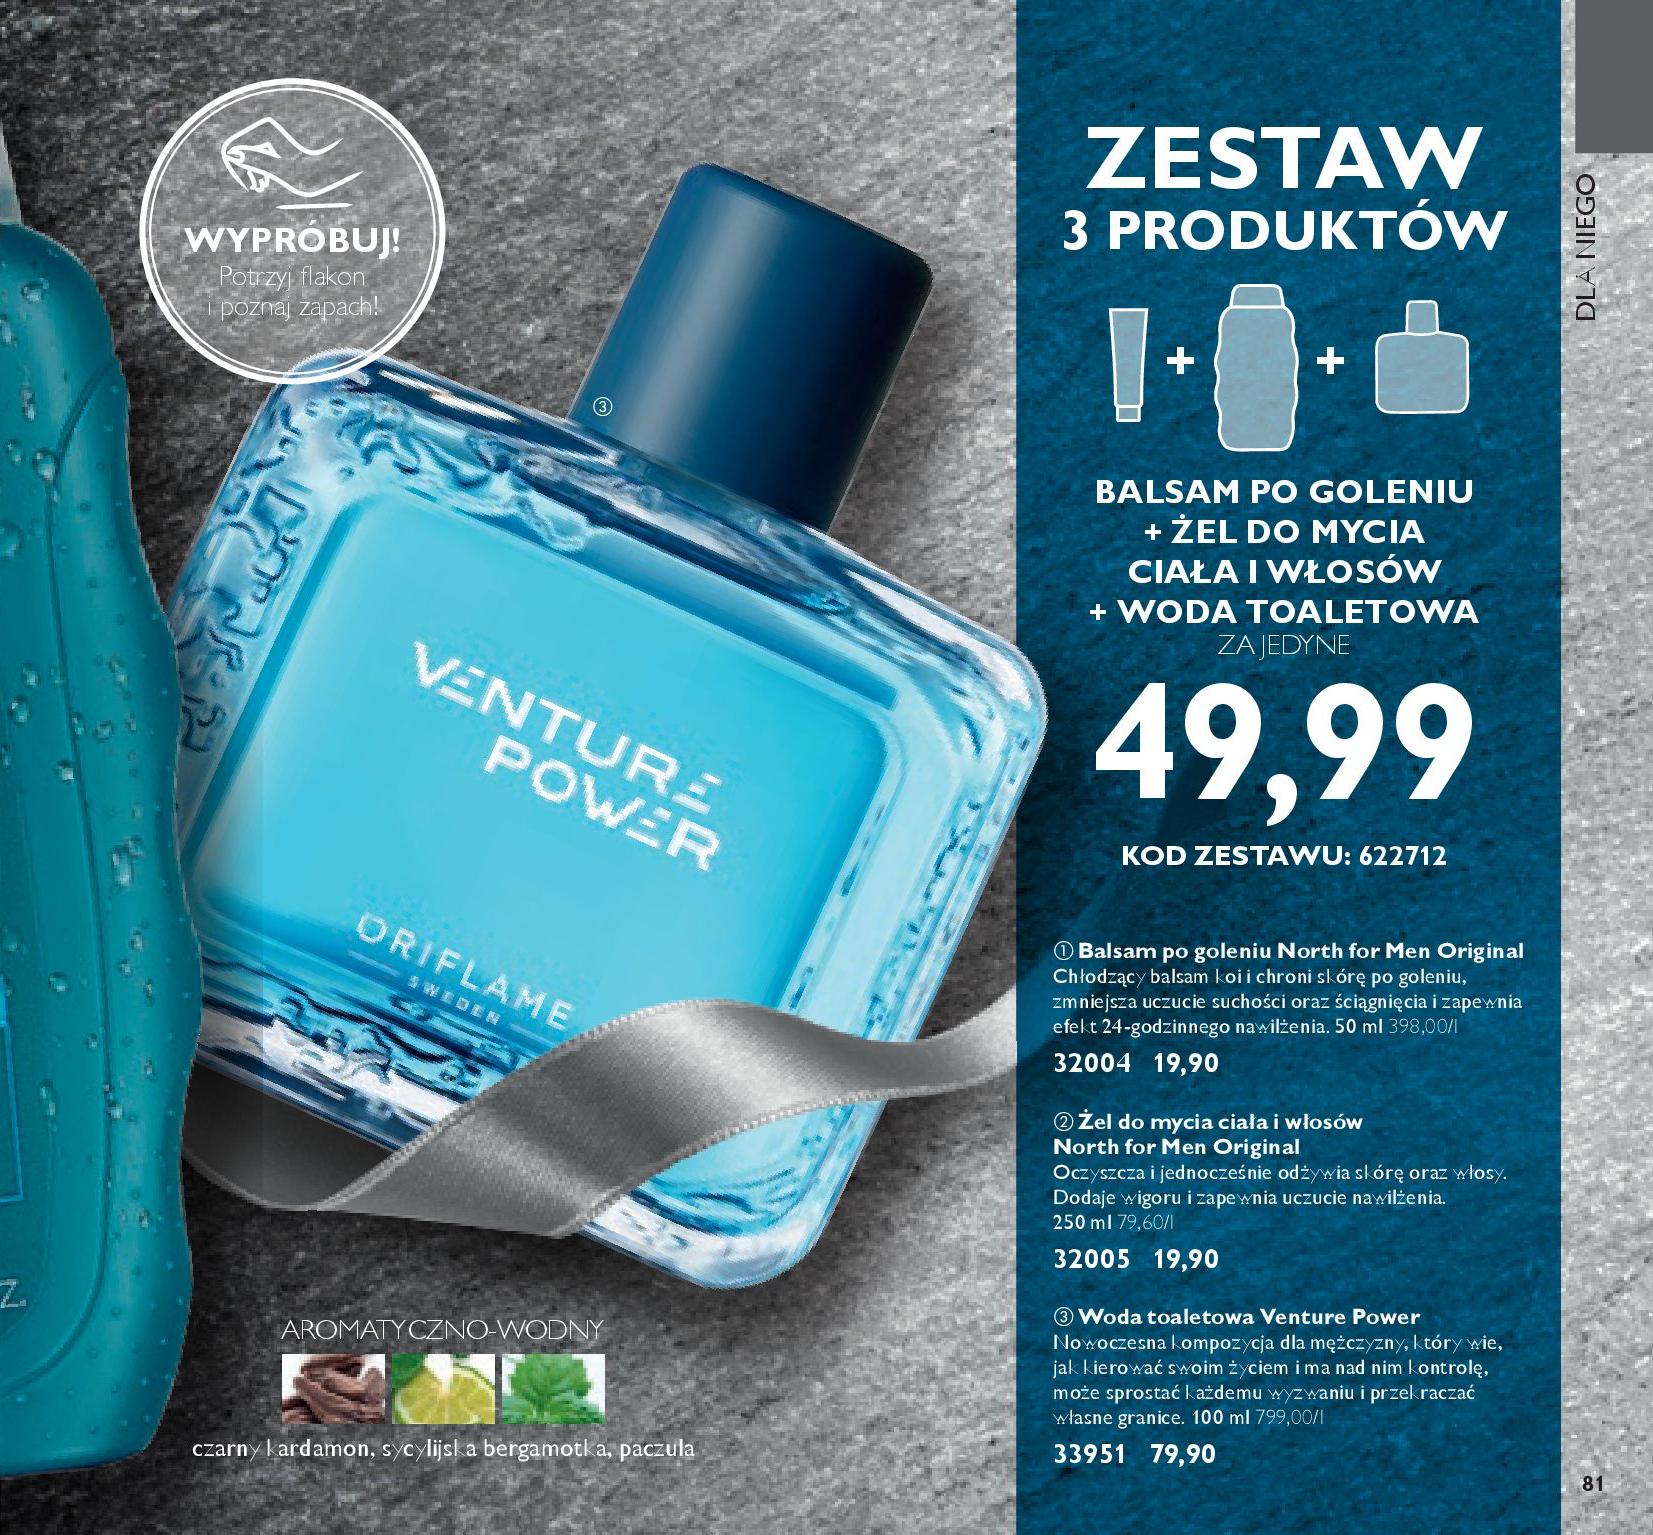 Gazetka Oriflame - Gotowa na kolorowe szaleństwo?-03.07.2019-22.07.2019-page-